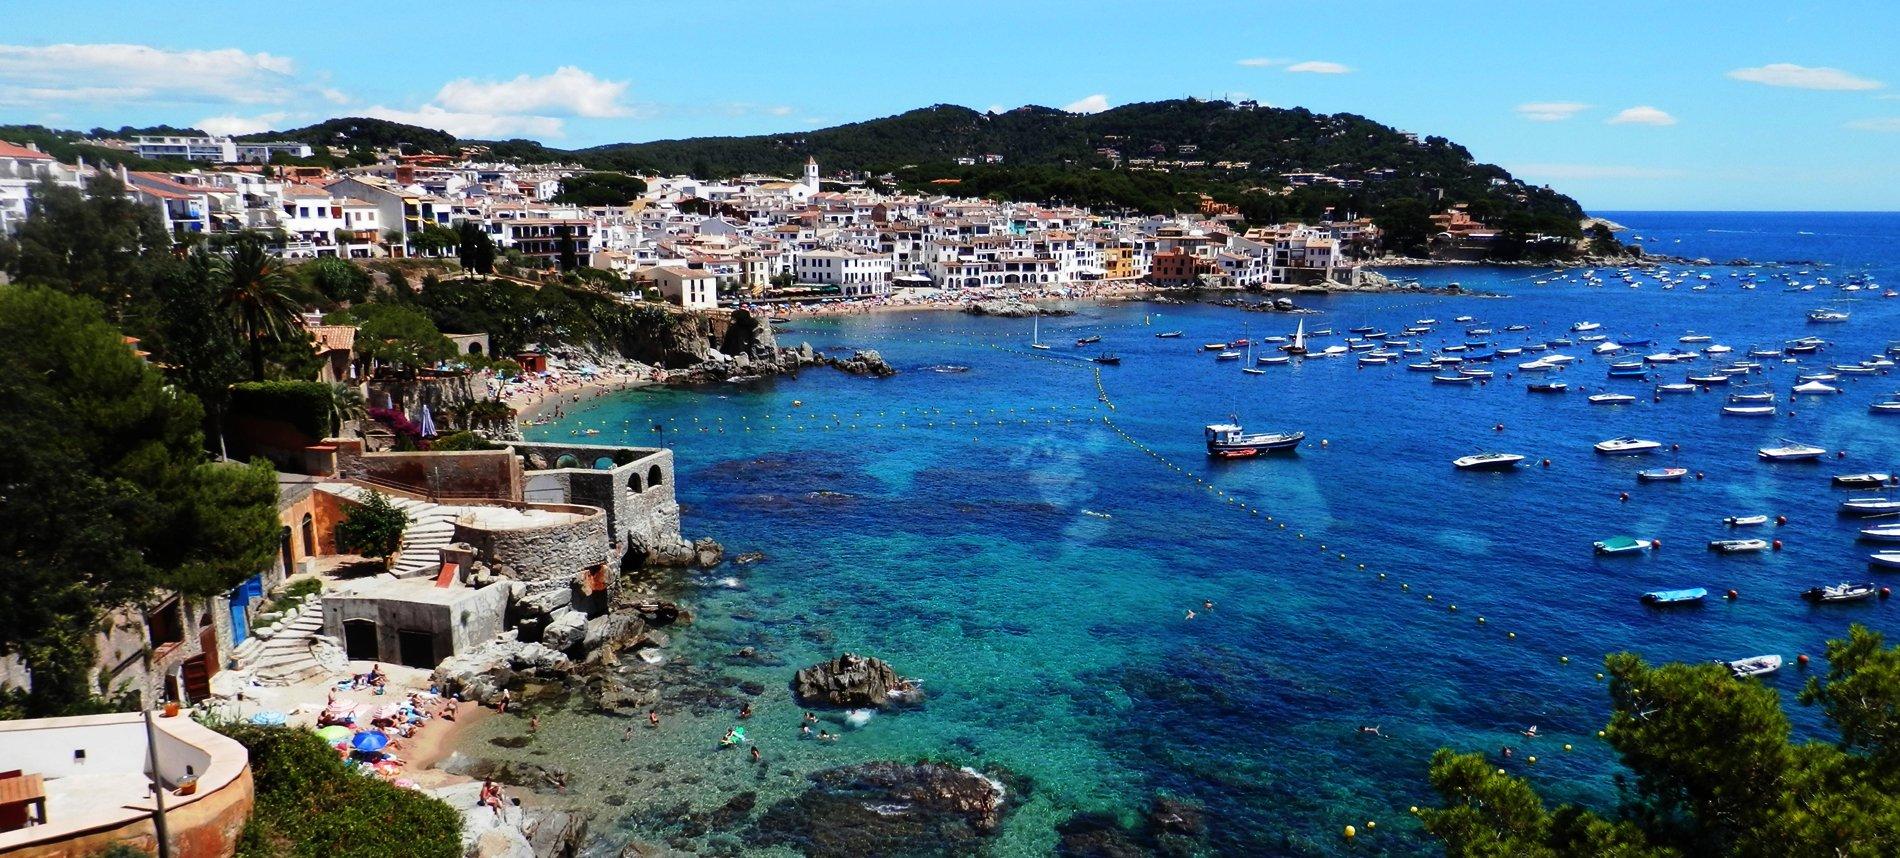 Costa Brava, descubre sus pueblos y playas 3